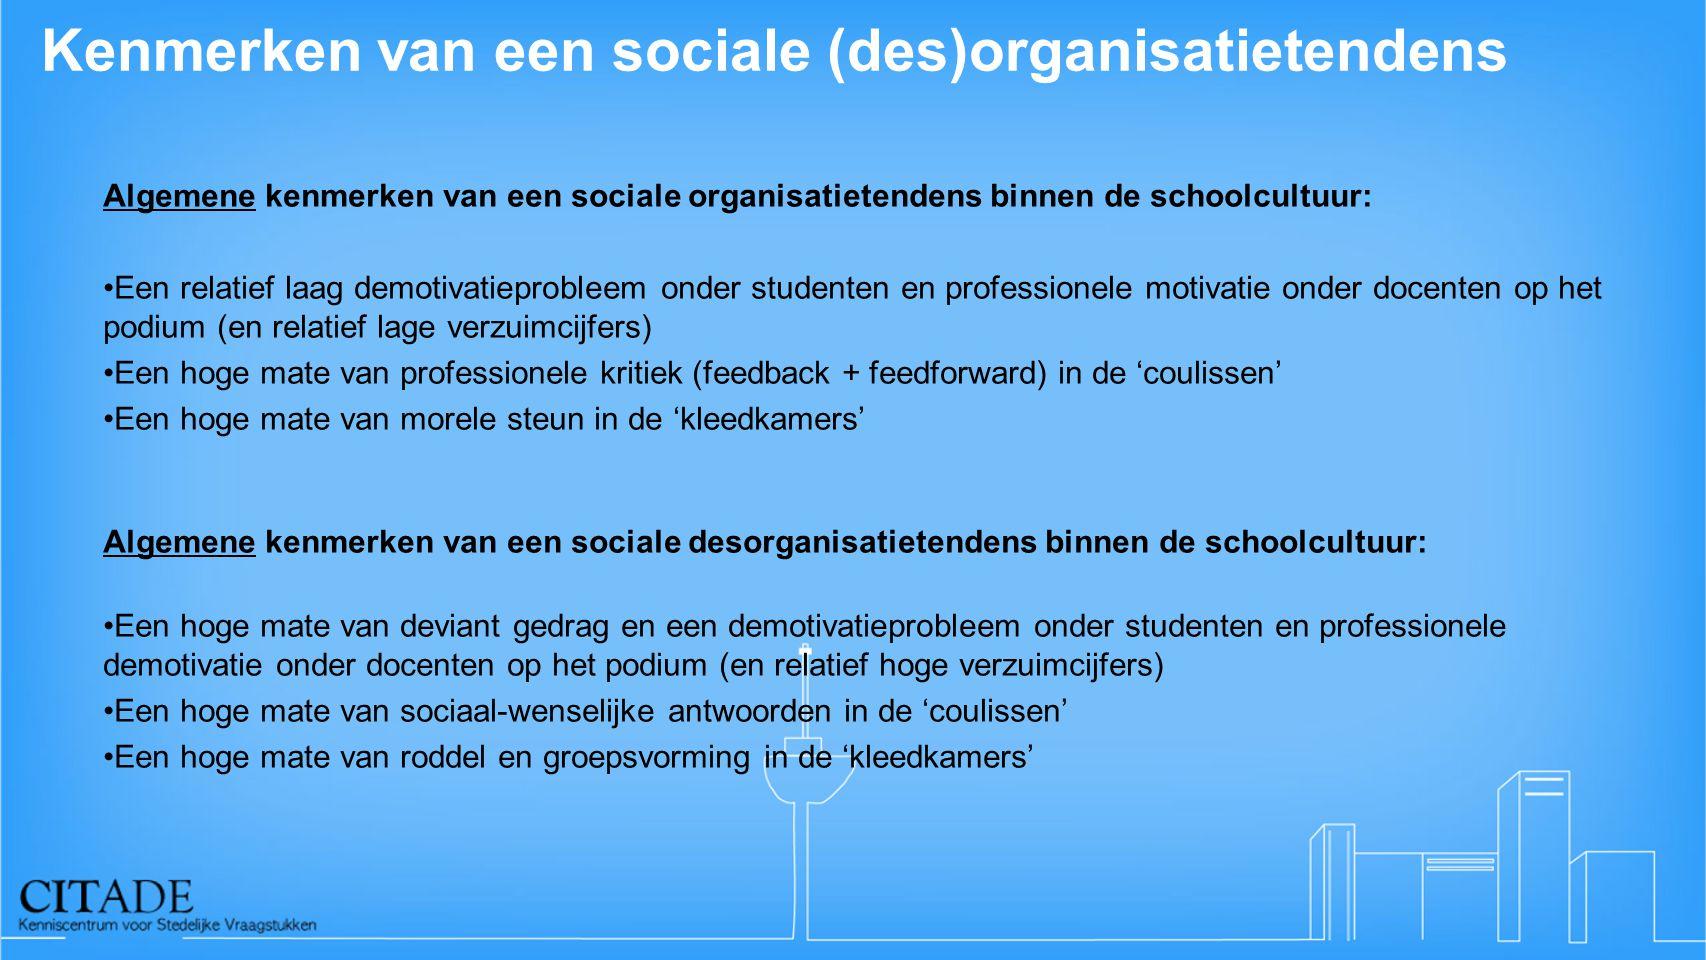 Kenmerken van een sociale (des)organisatietendens